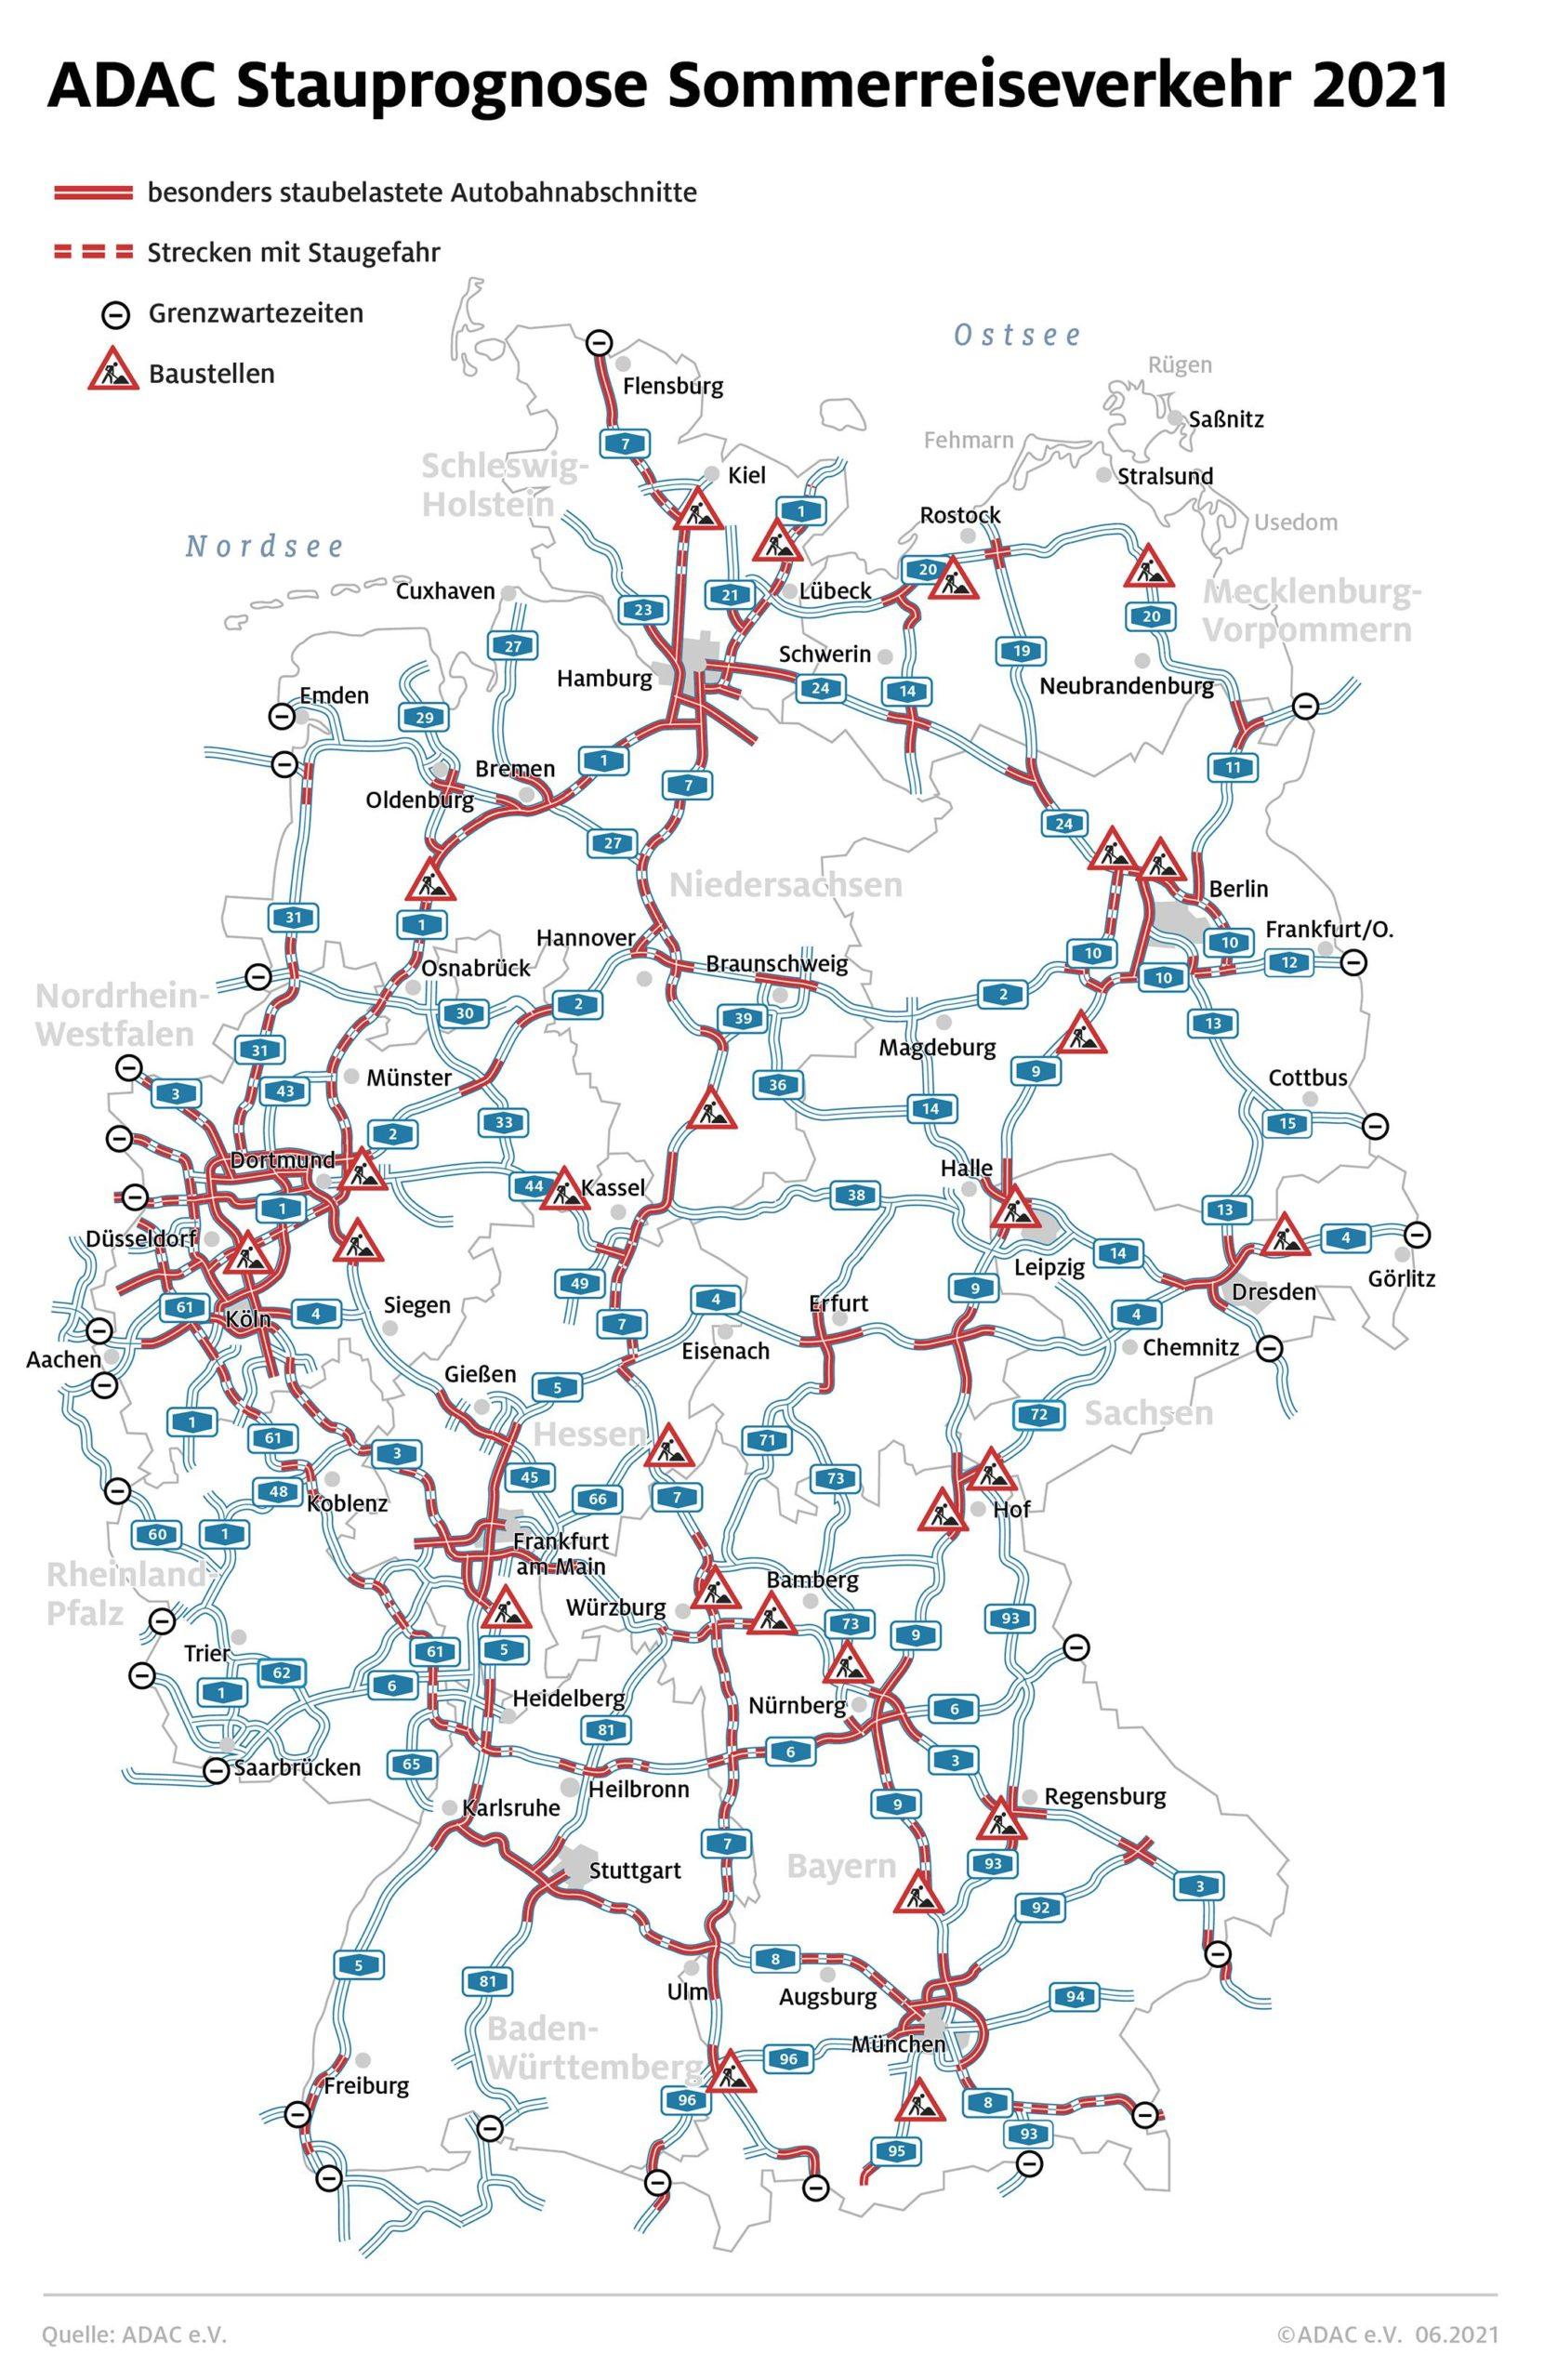 Autobahnen mit Sommerstau